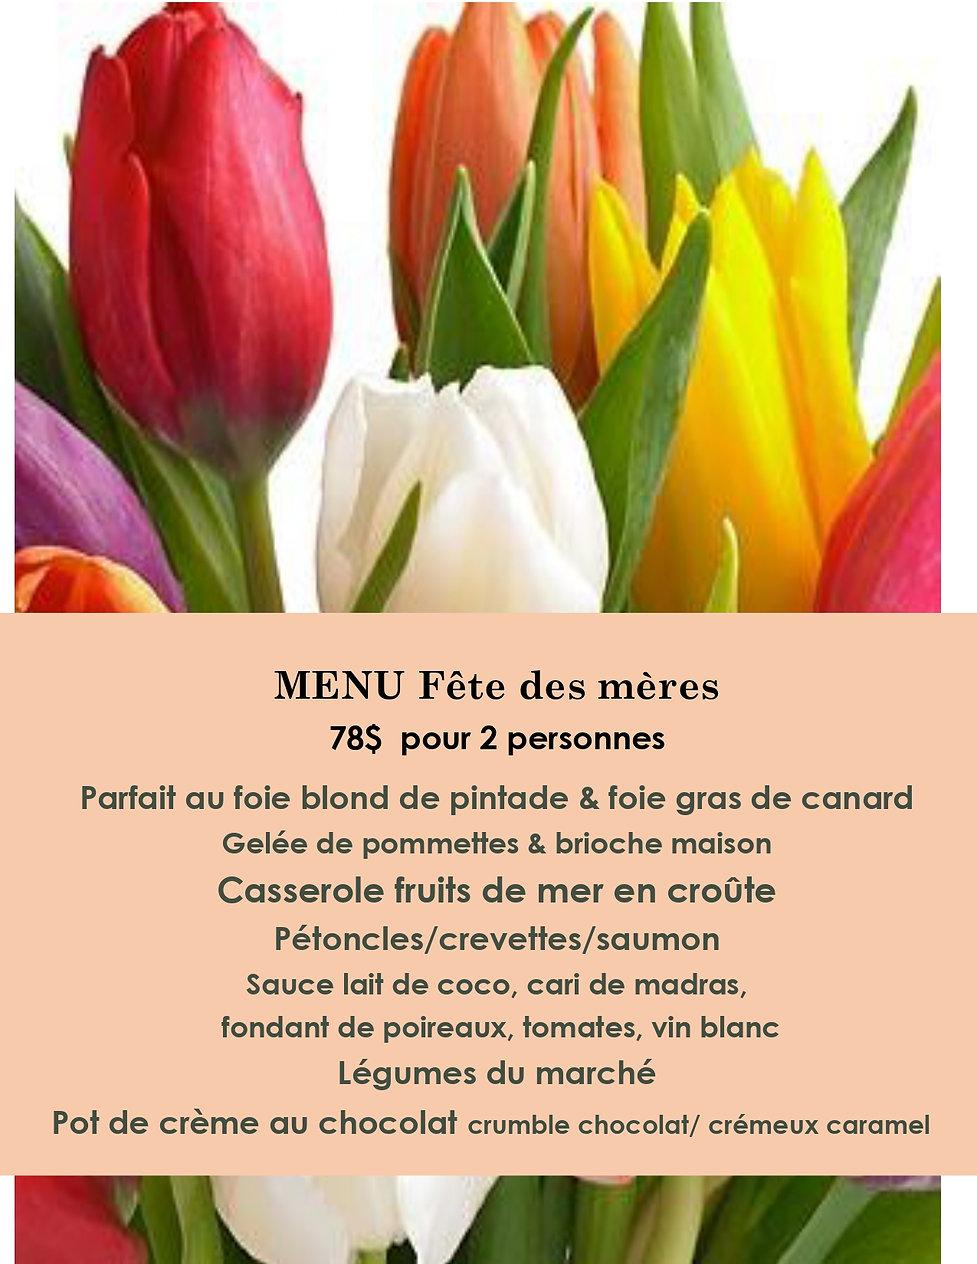 menu fete des Mères_page-0001.jpg